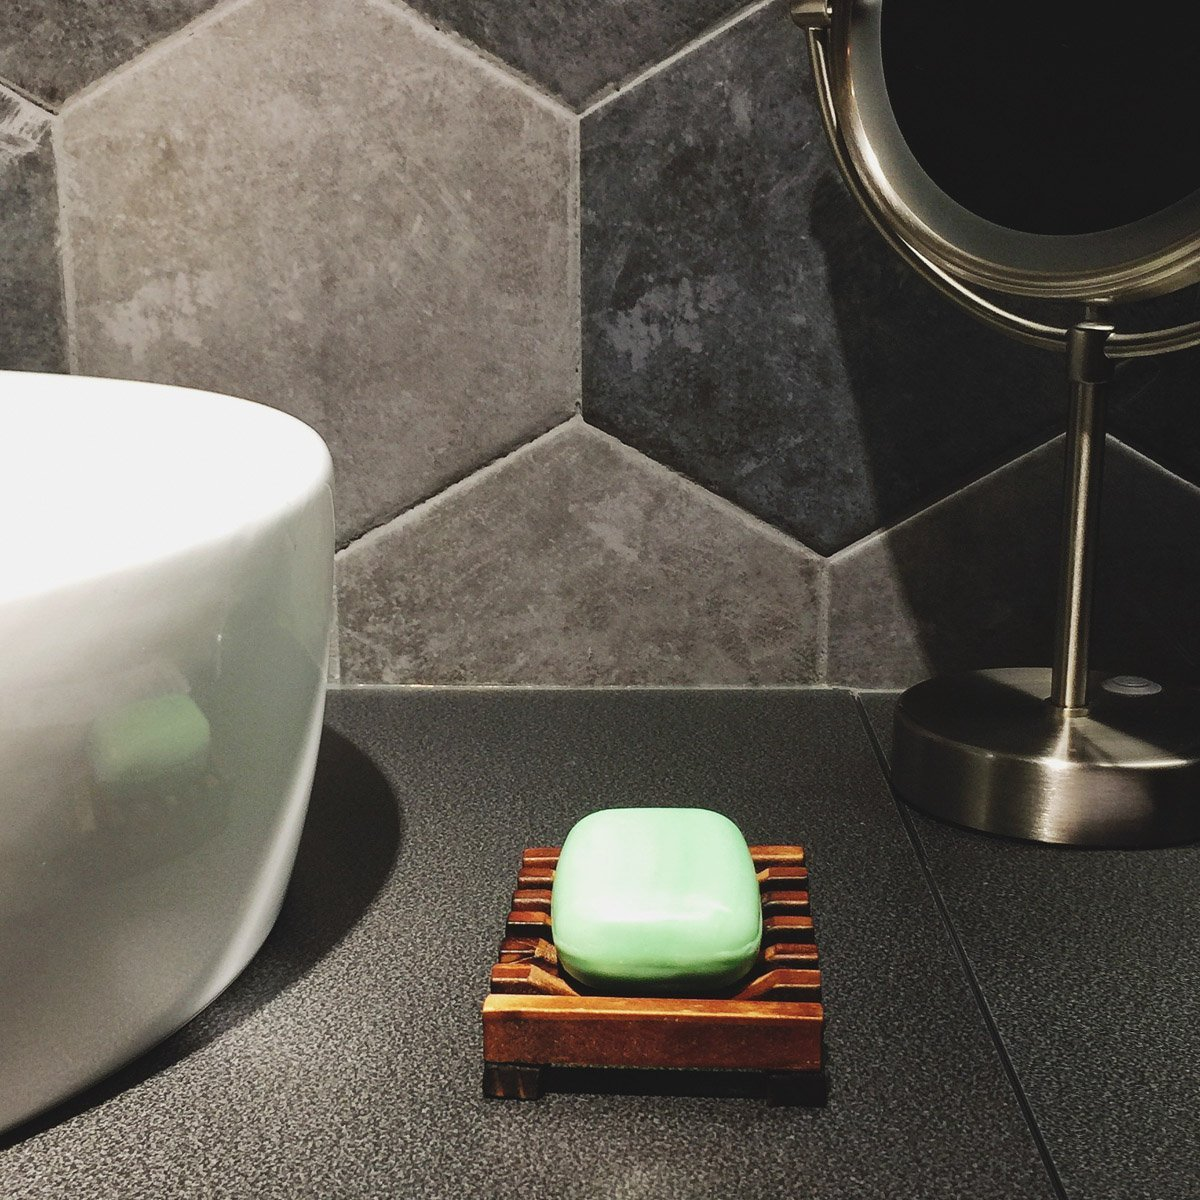 Home baño Soap Wooden Soap Holder lavabo bañera de baño ducha Plato Ducha Rectangular manualidades de madera natural para esponjas, Scrubber, ...